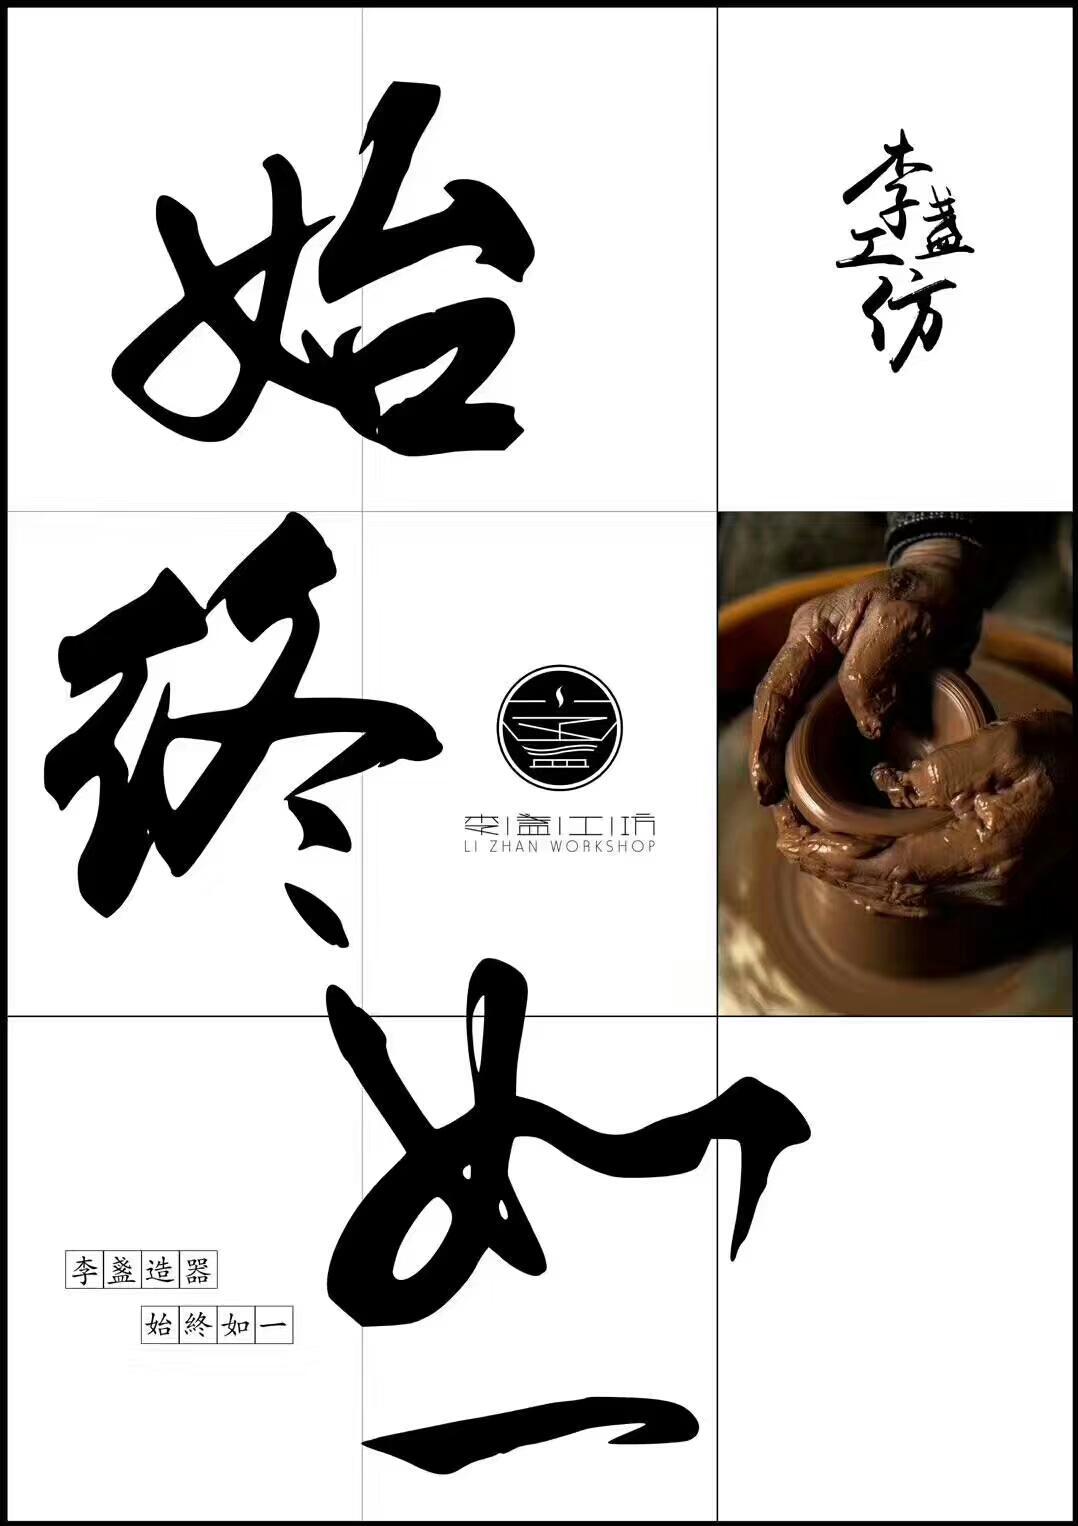 天曜——茶盏 李盏工坊 高级工艺美术师 李远兴老师作品